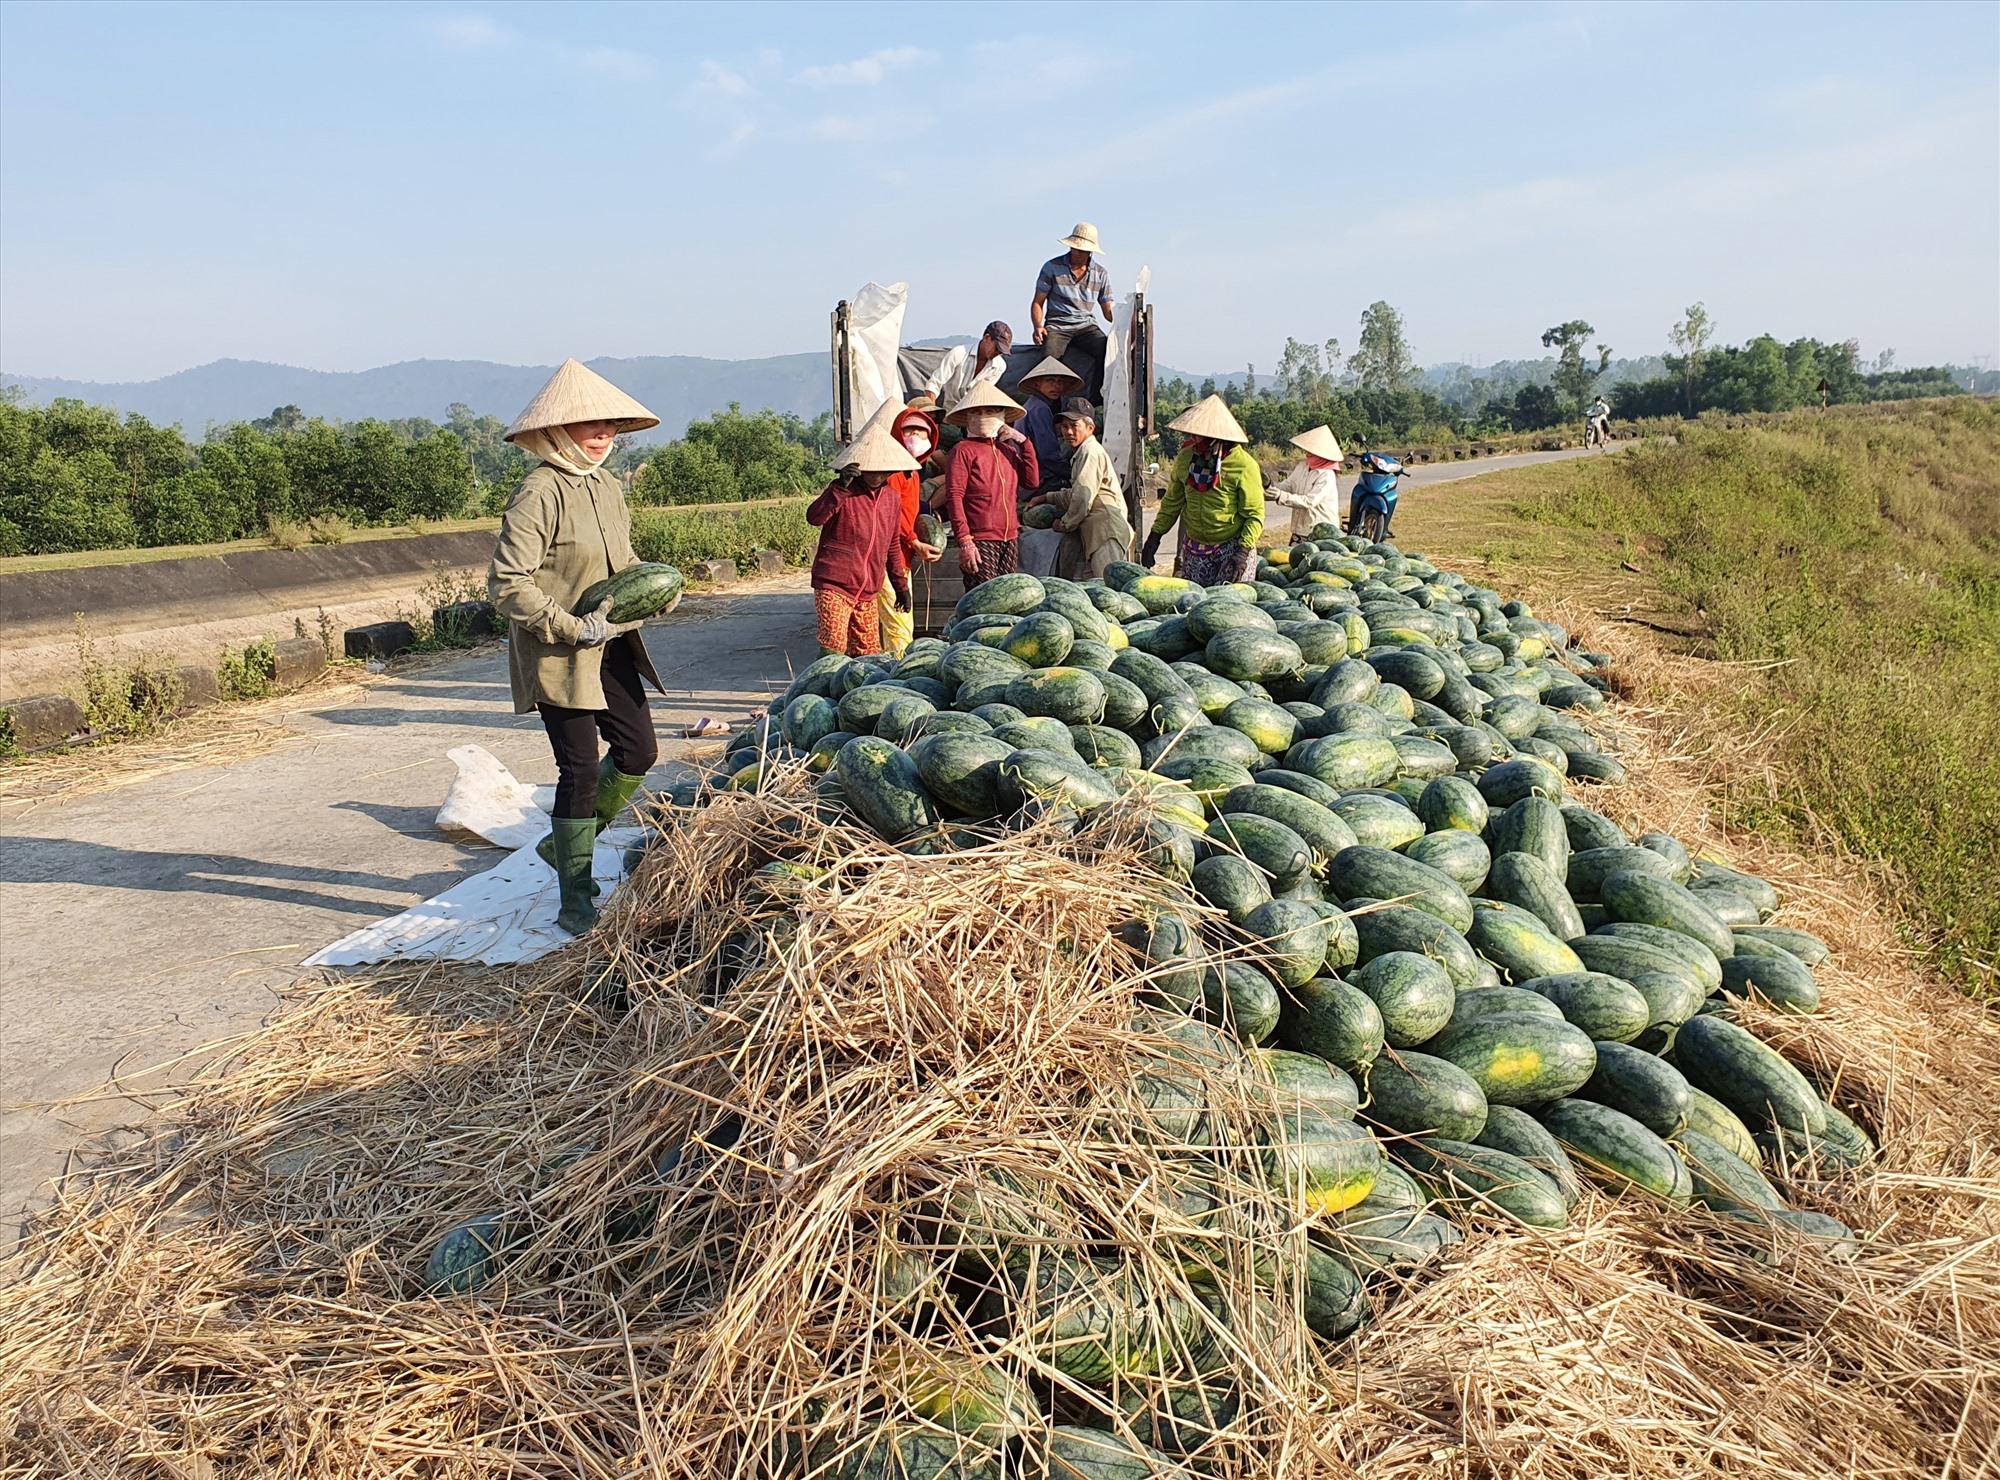 Quảng Nam cần áp dụng đồng bộ các giải pháp để ổn định đầu ra nông sản. Ảnh: V.S